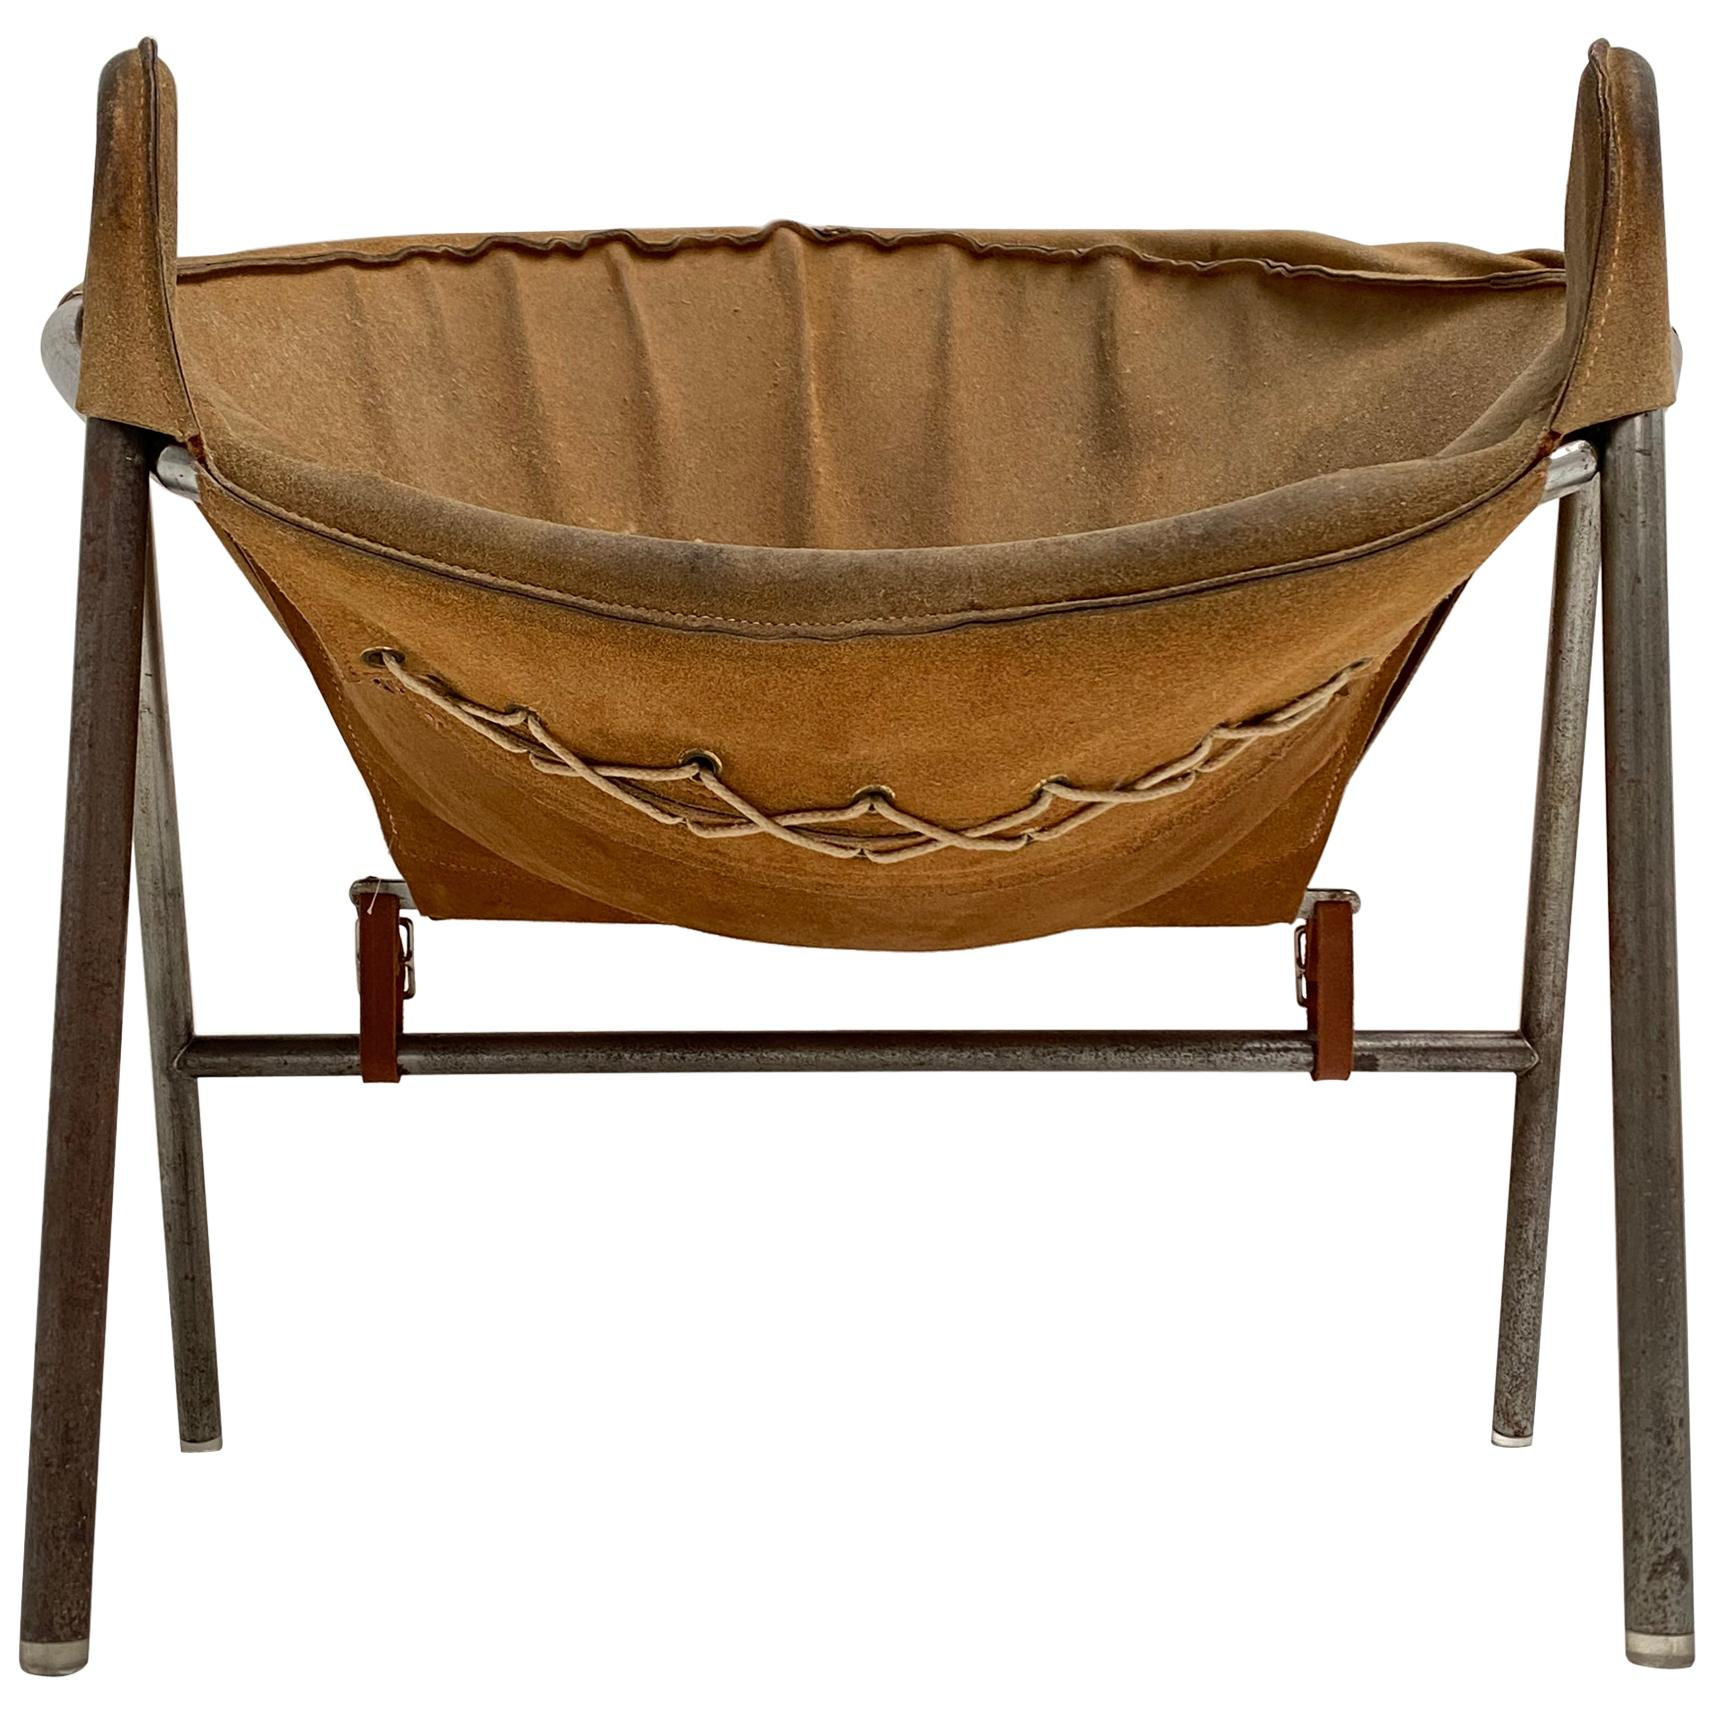 Rare Erik Ole Jørgensen Model BO 360 Suede Lounge Chair, Bovirke, Denmark